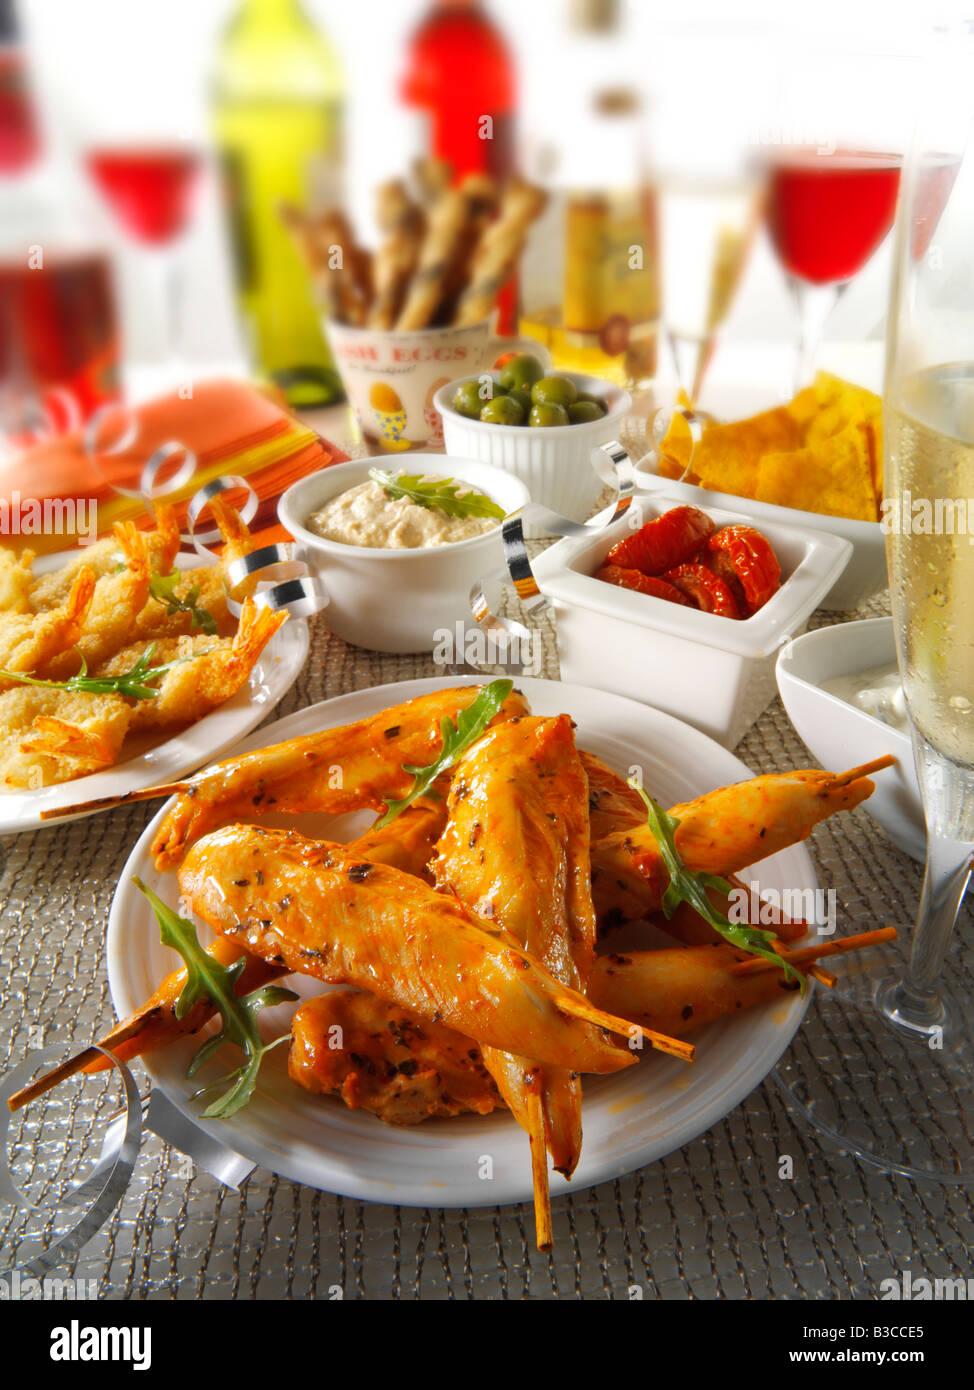 Cuisine de fête avec des brochettes de poulet mariné, tomates séchées au soleil baigner Photo Stock